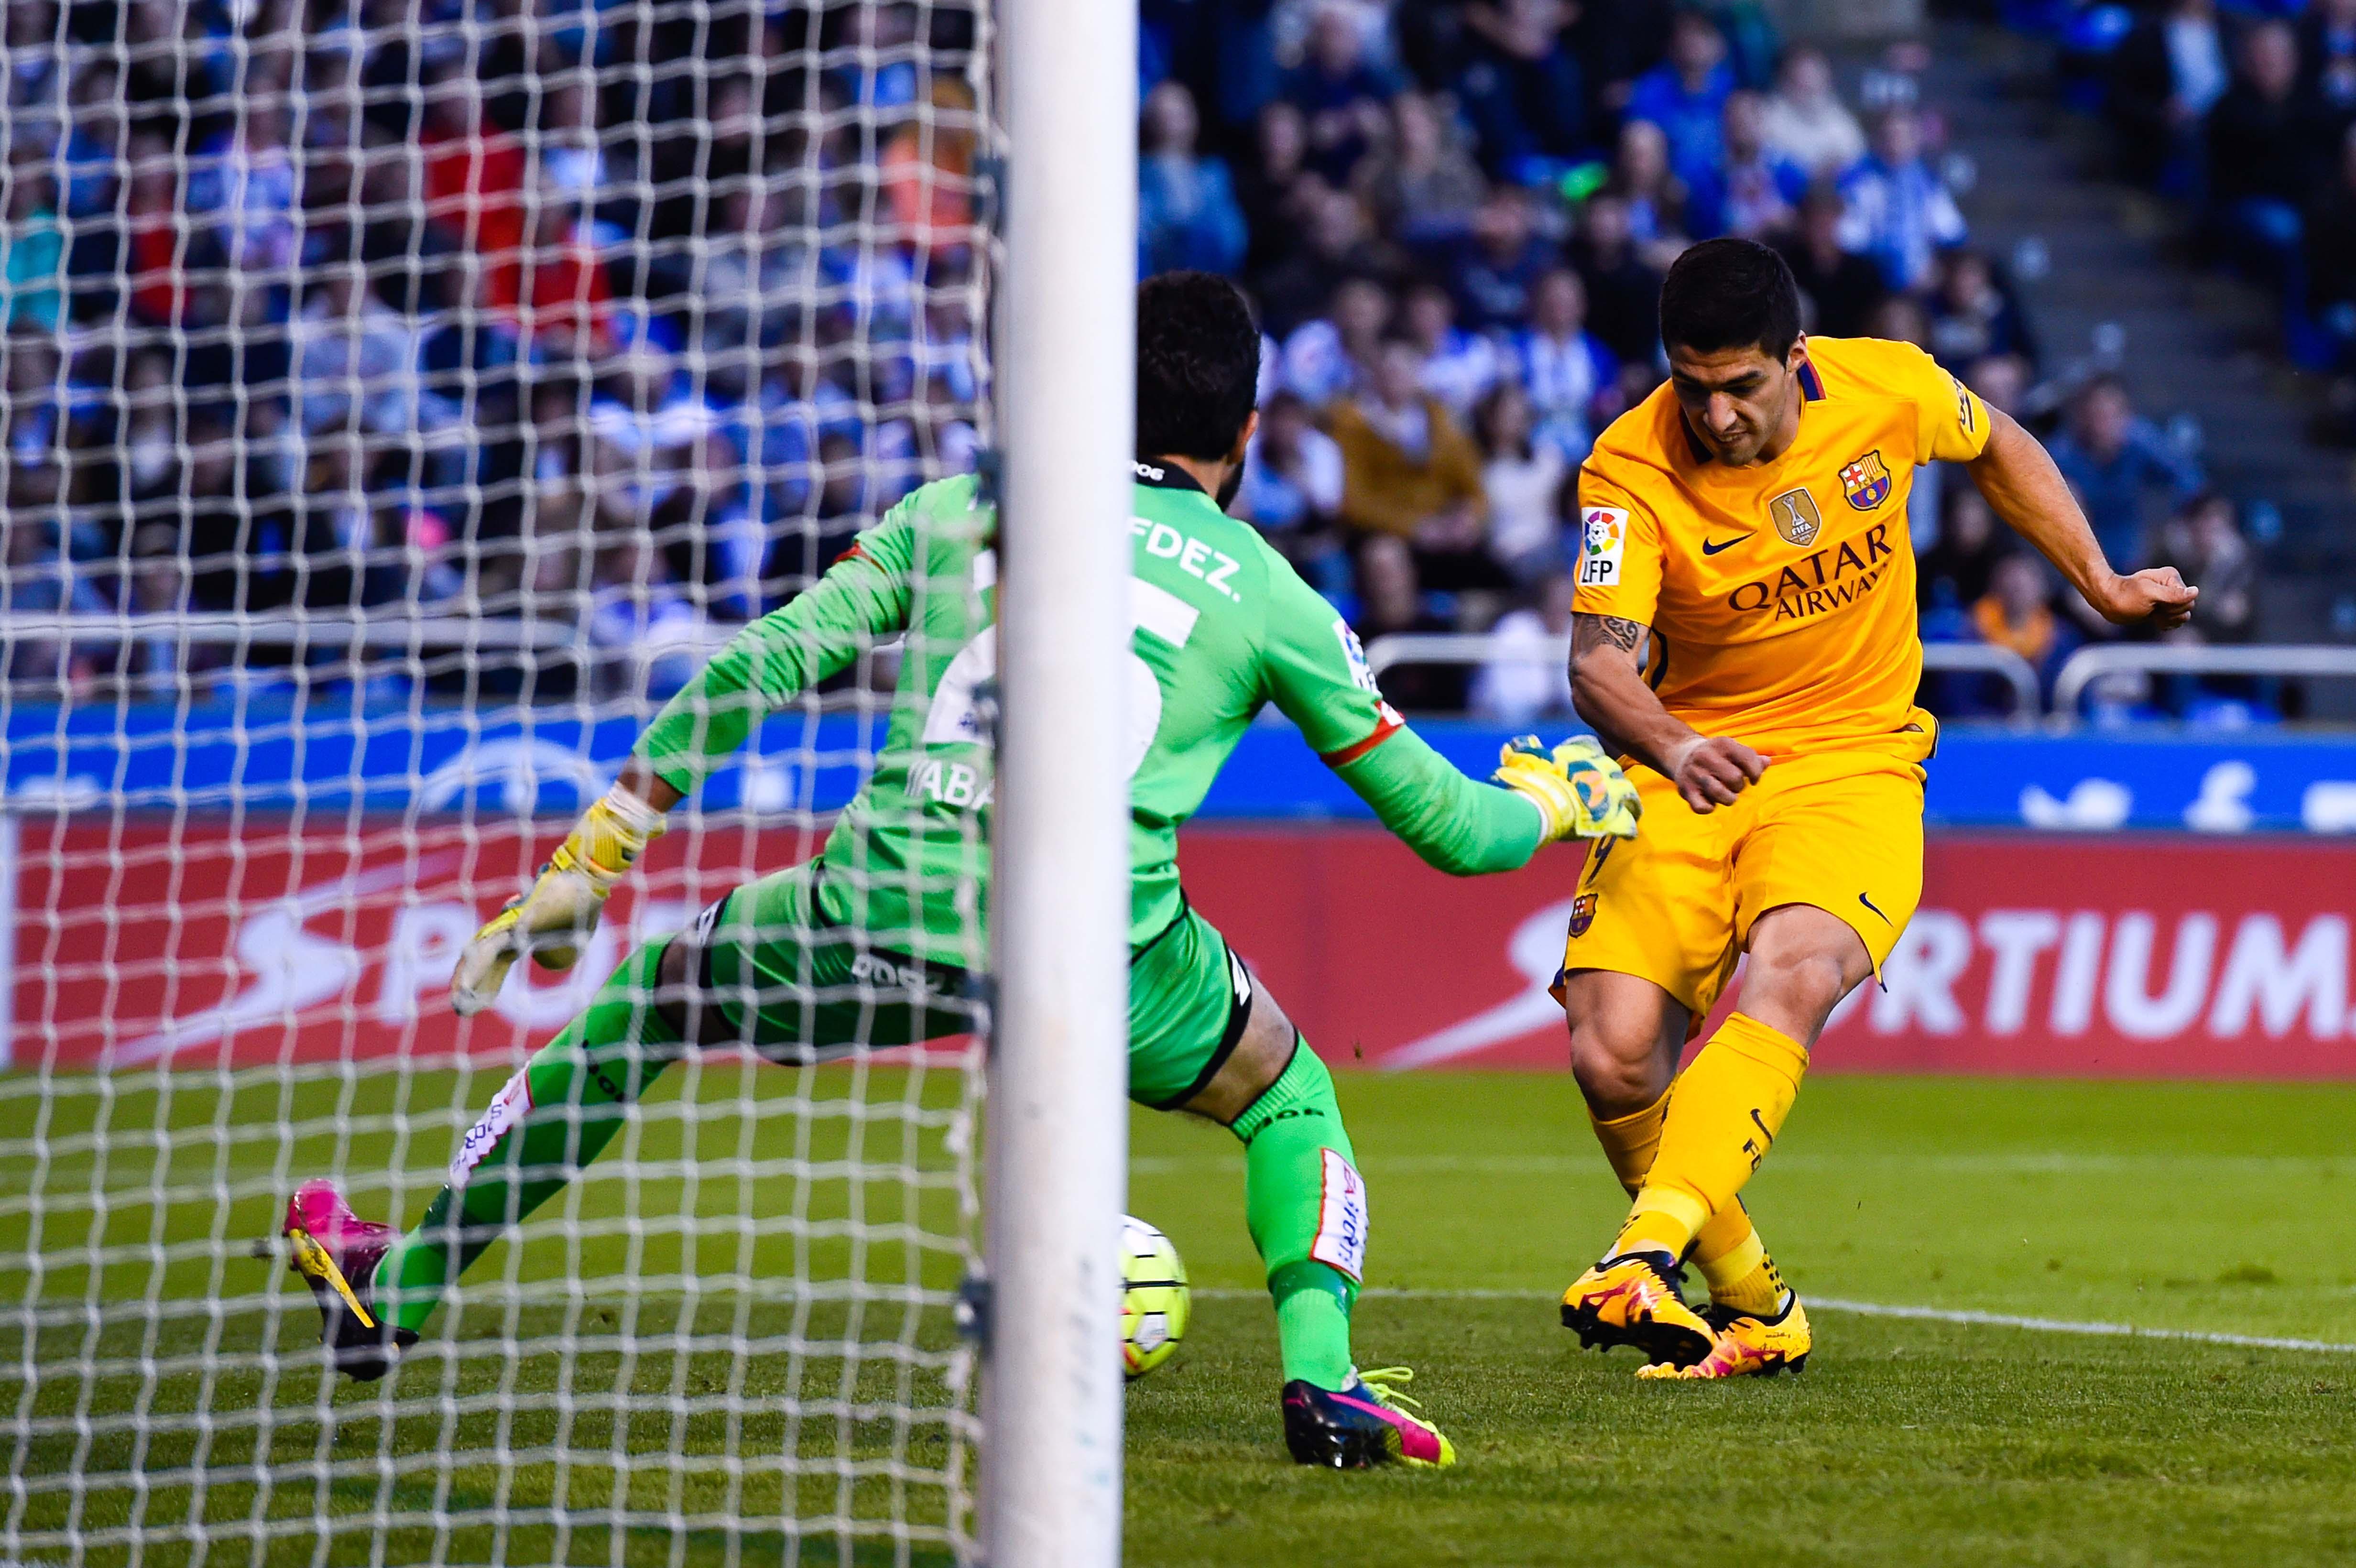 Депортиво - Барселона - 0:8